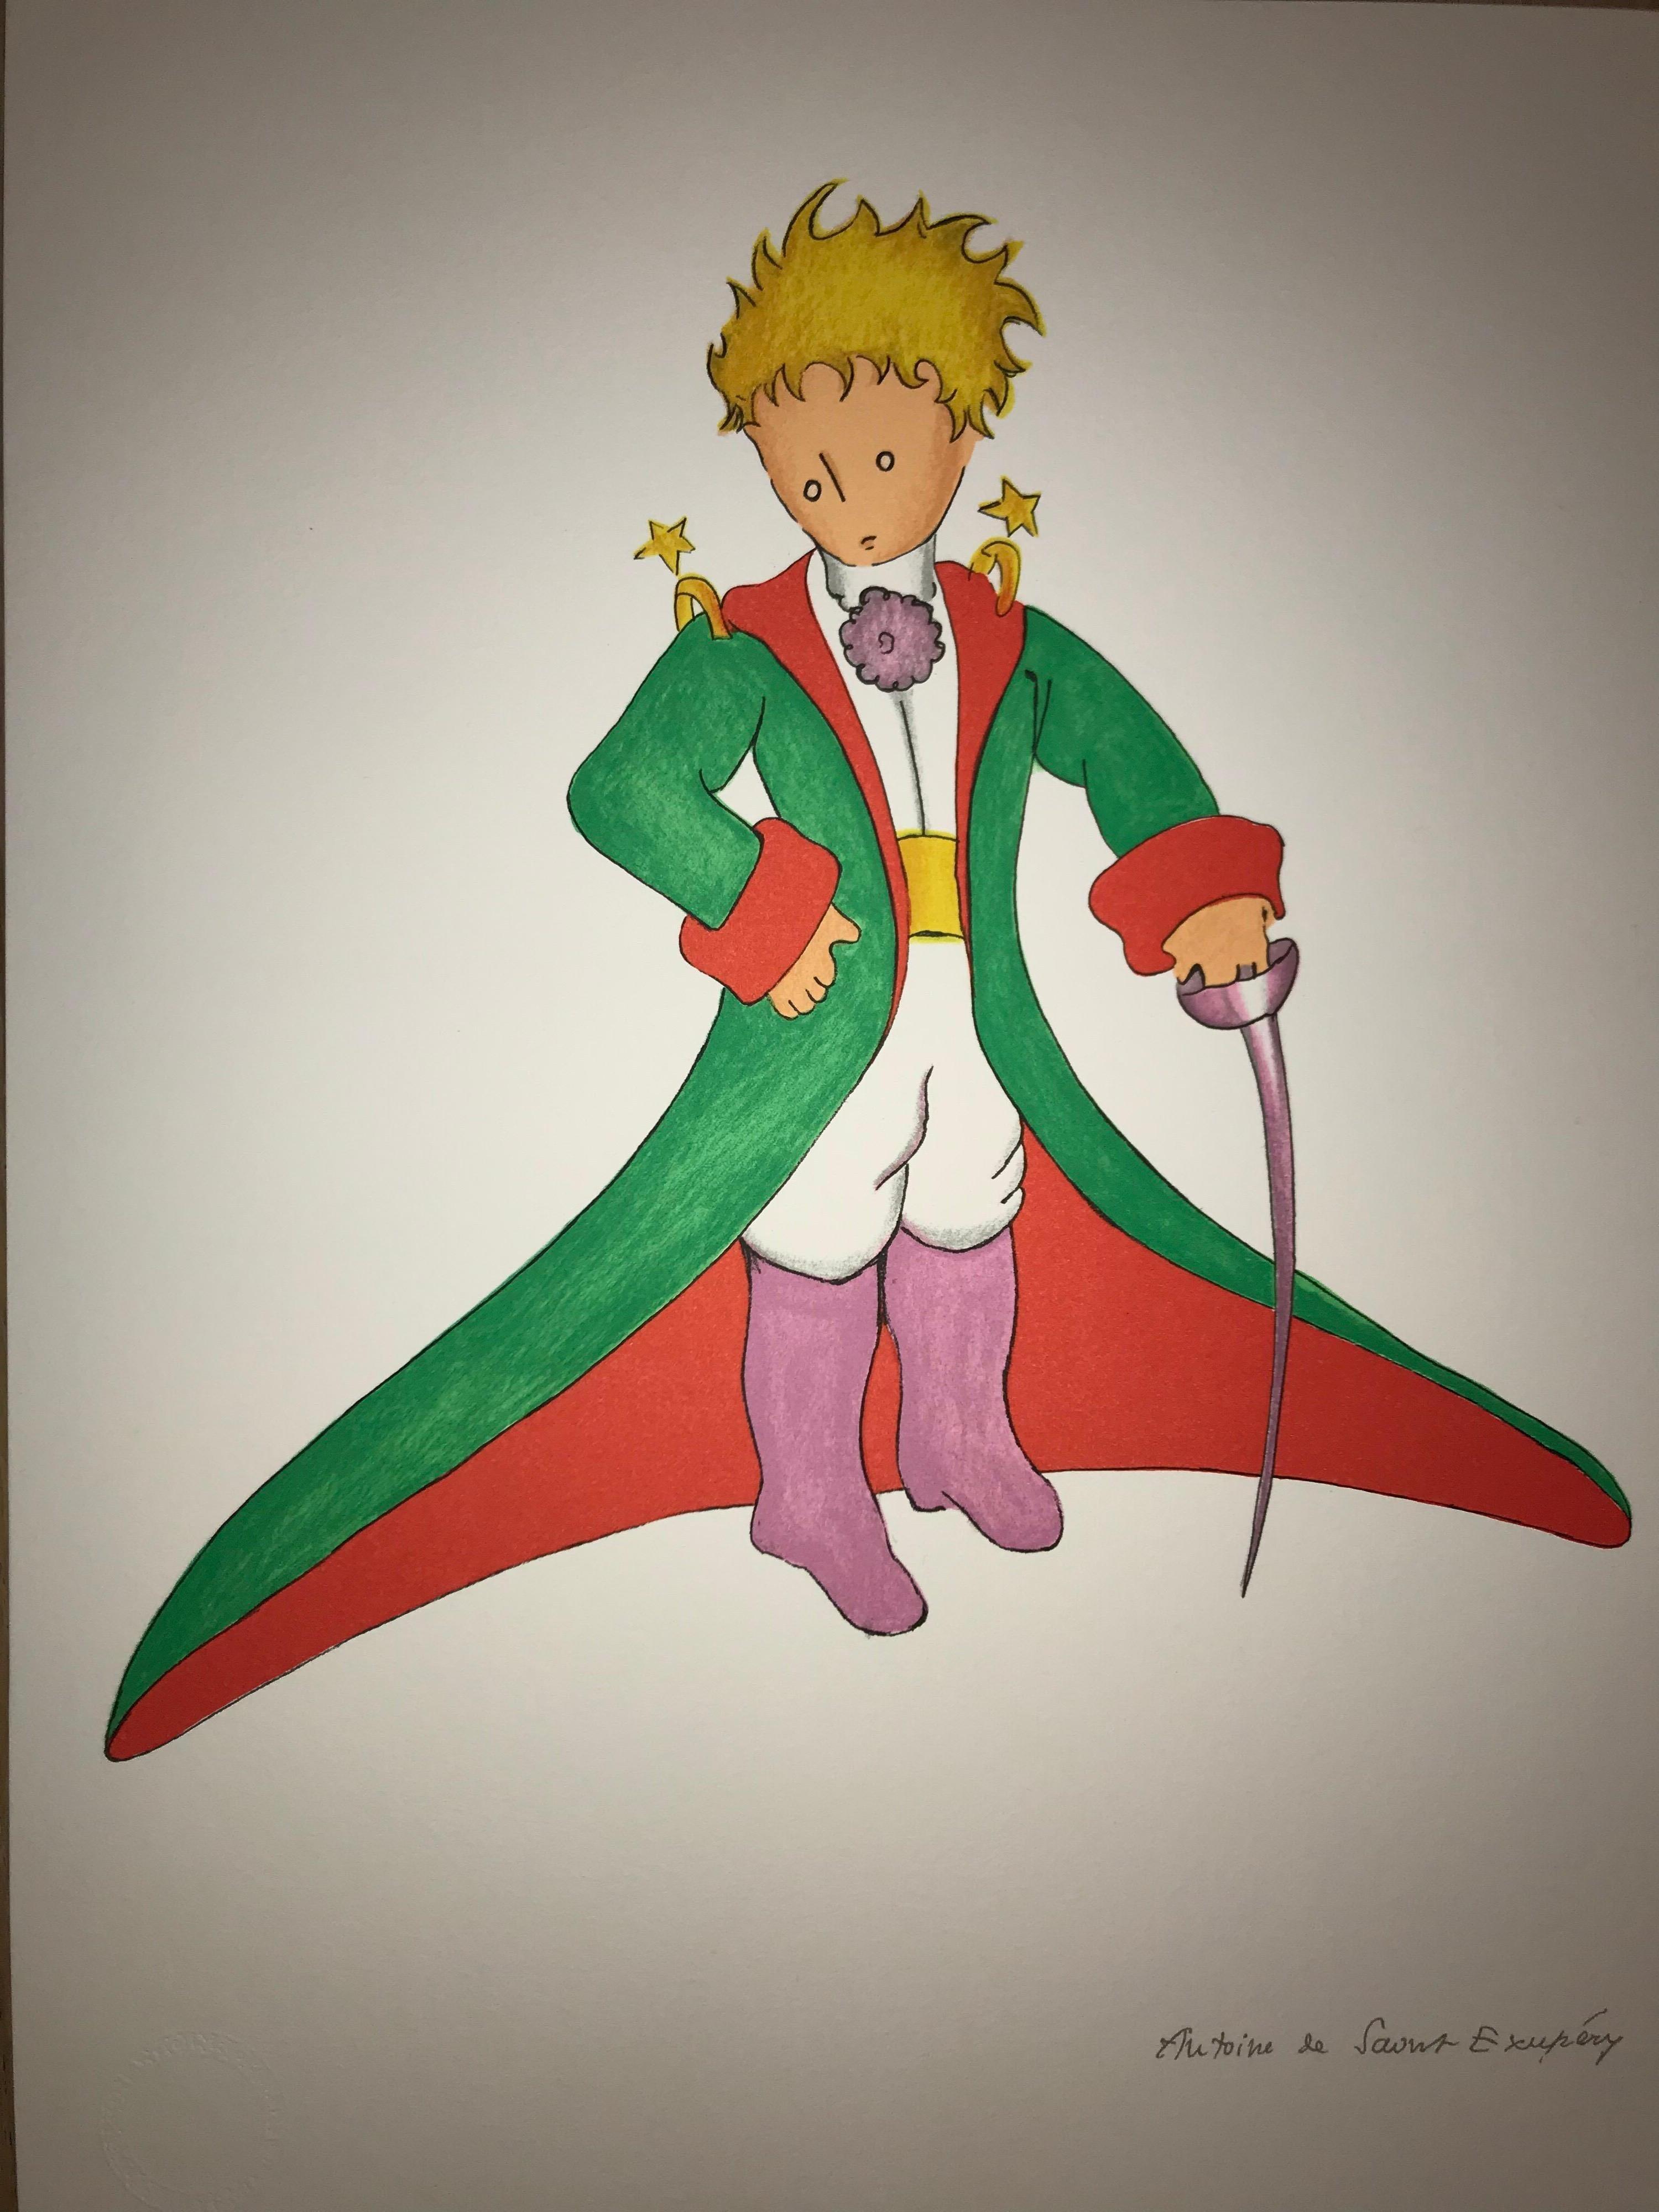 Le Petit Prince en grand manteau - Lithograph - 1900-1944 - Platesigned